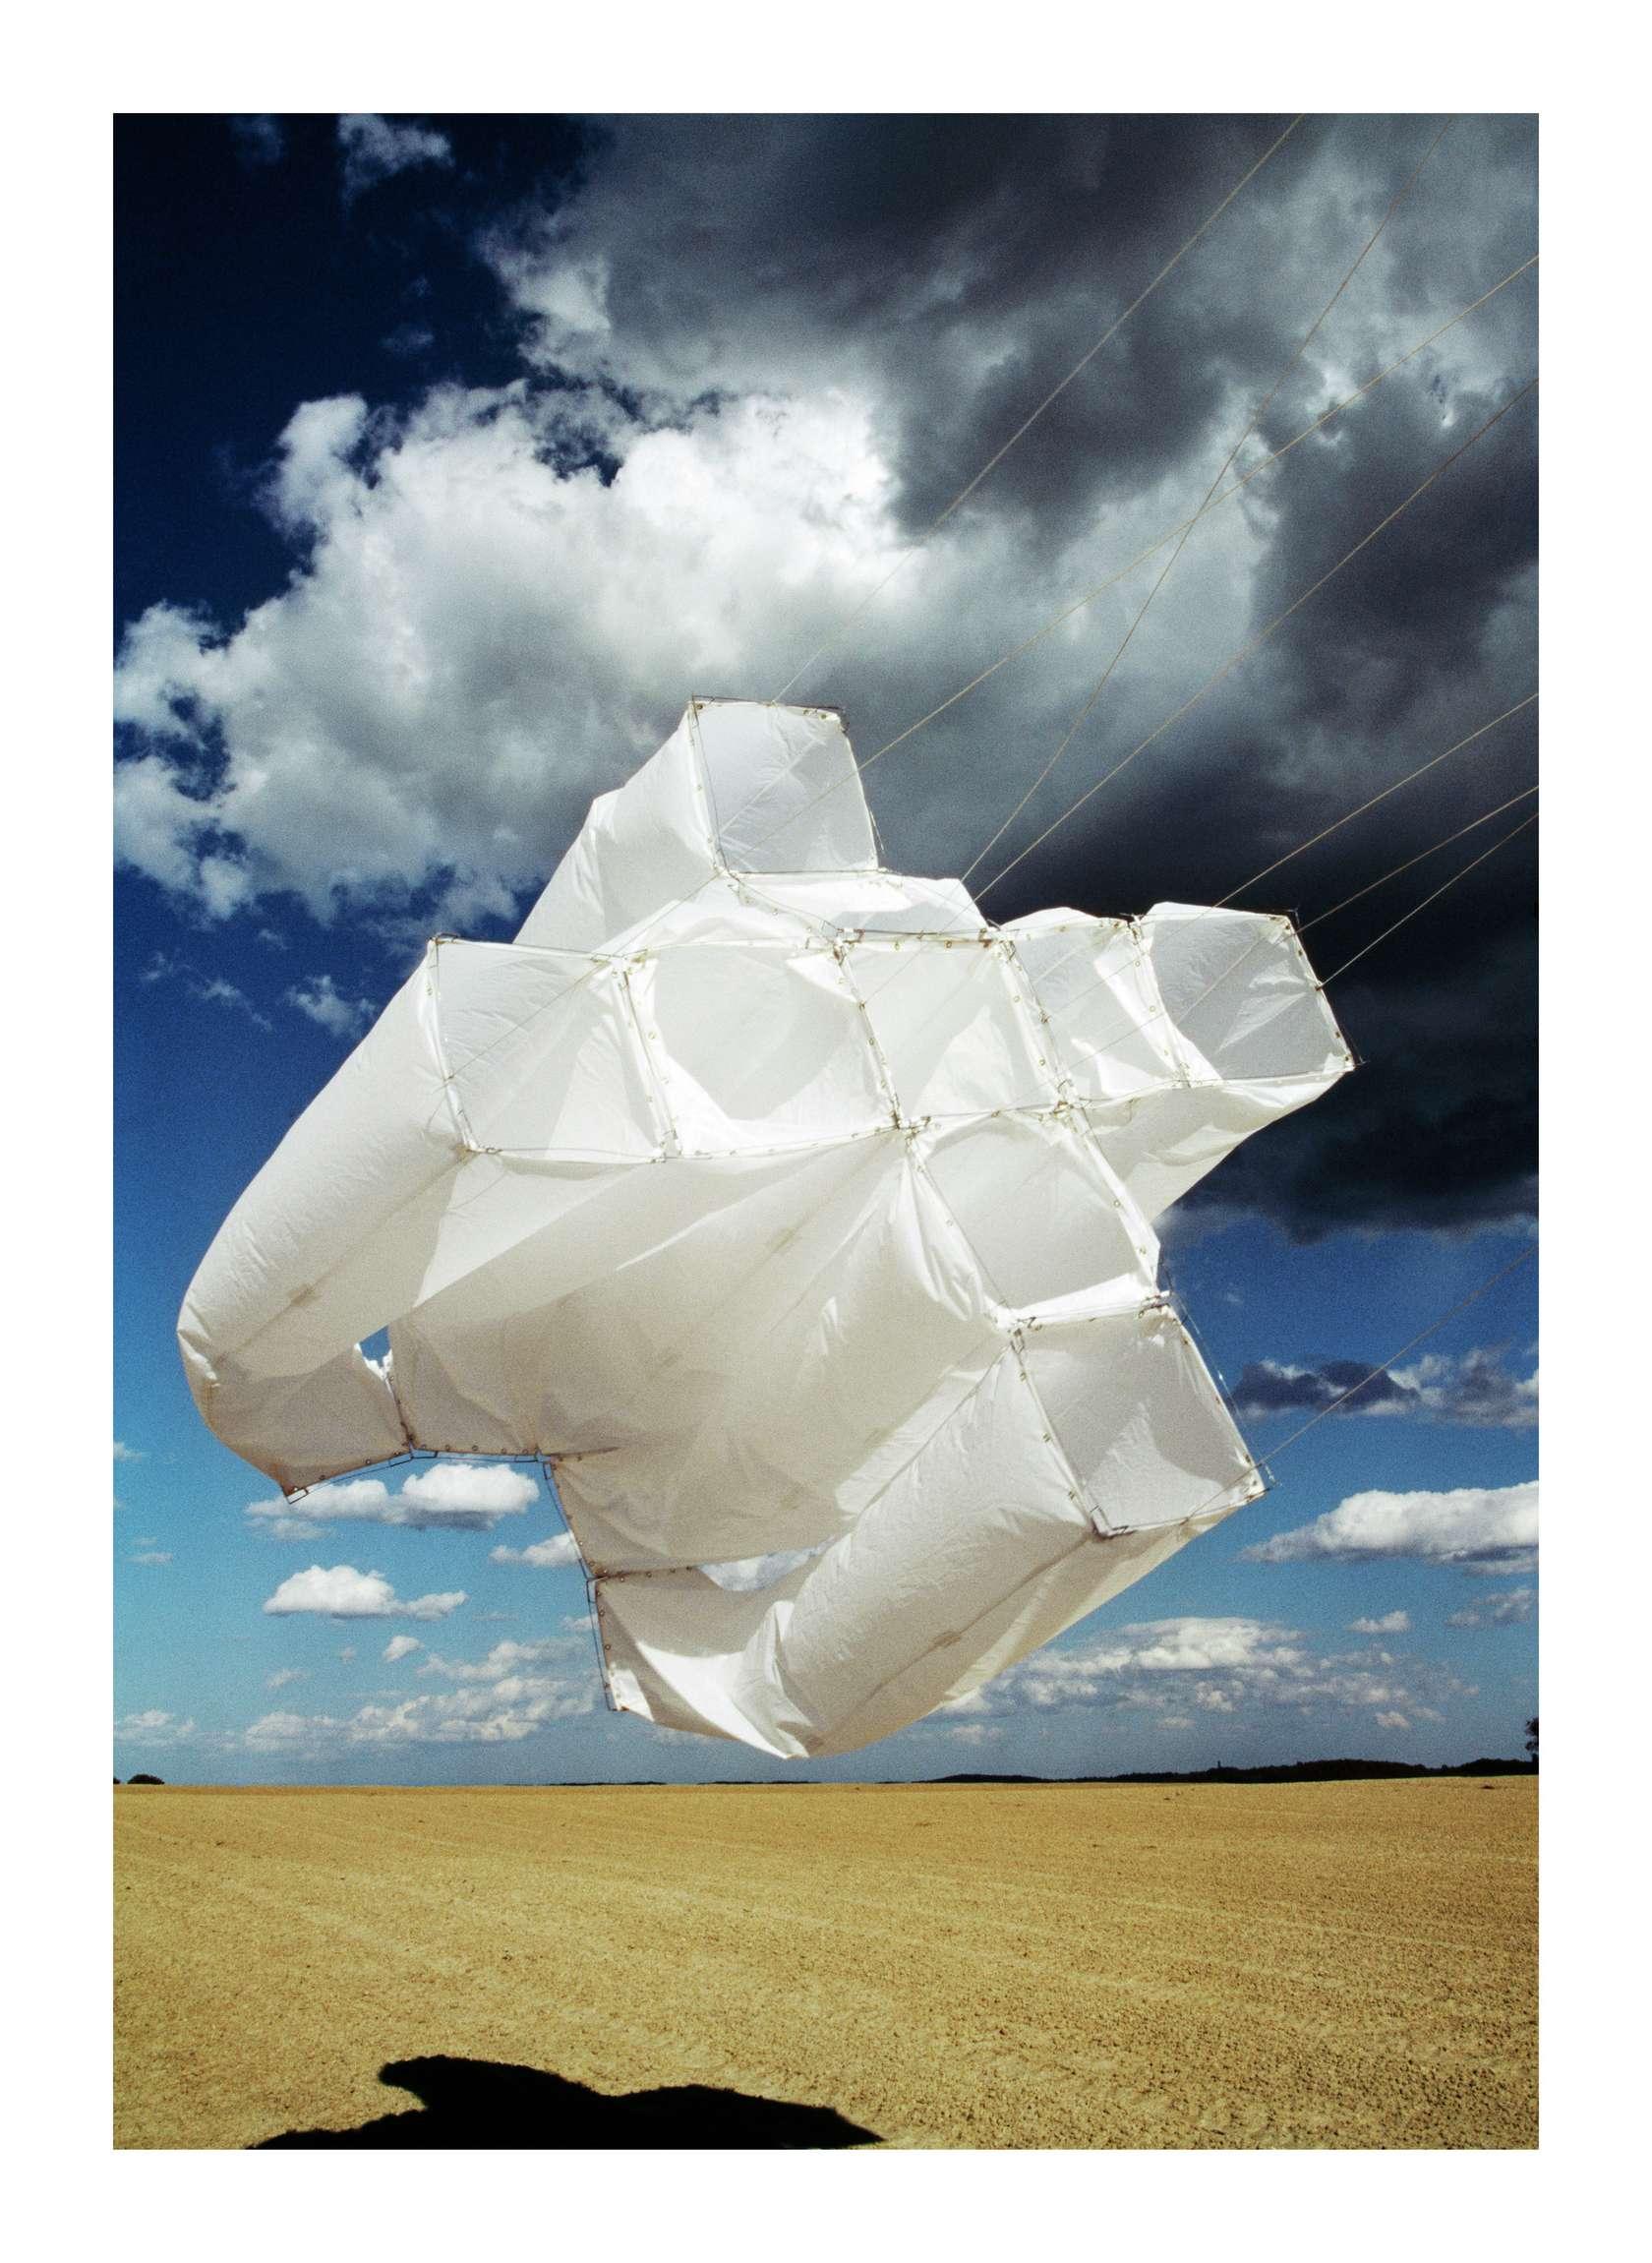 Thomas Lanfranchi, Sans titre, 1998 Impression pigmentaire sur papier Hahnemülhe73 x 100cm / 28 6/8 x 39 3/8inches